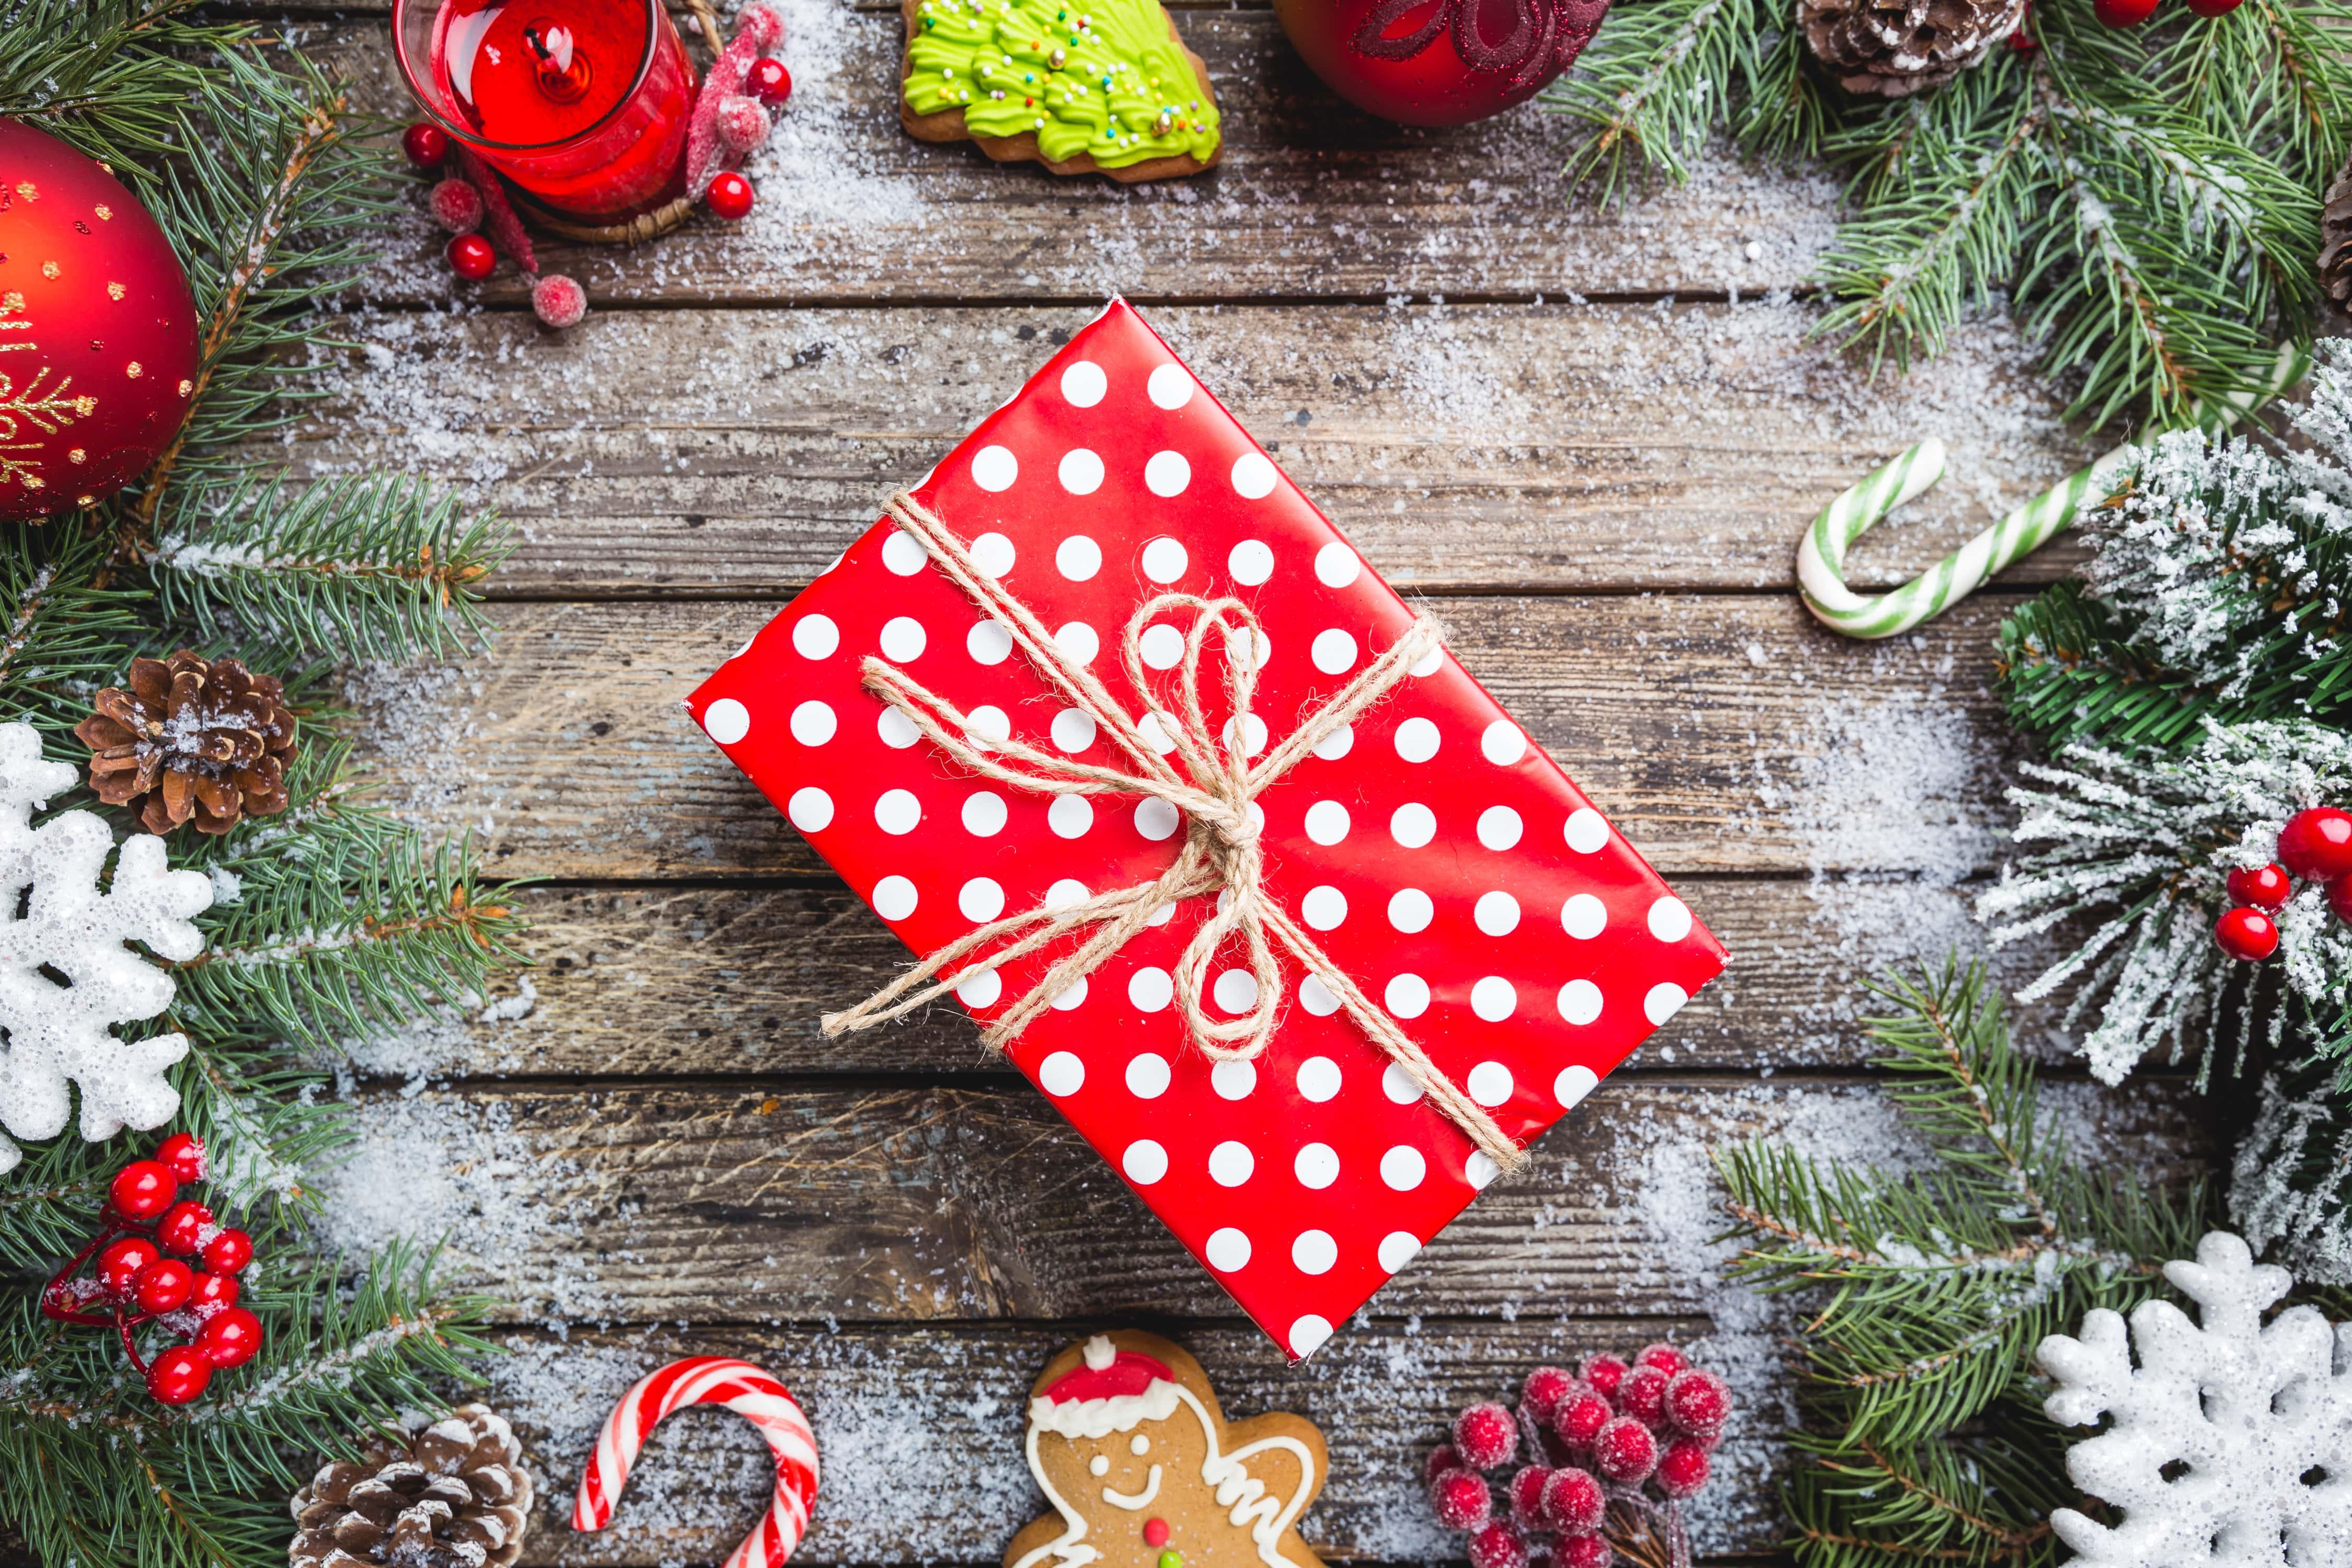 Geschenk mit rotem Geschenkpapier, weißen Puinkten einer Schleife und Tannenzeigen